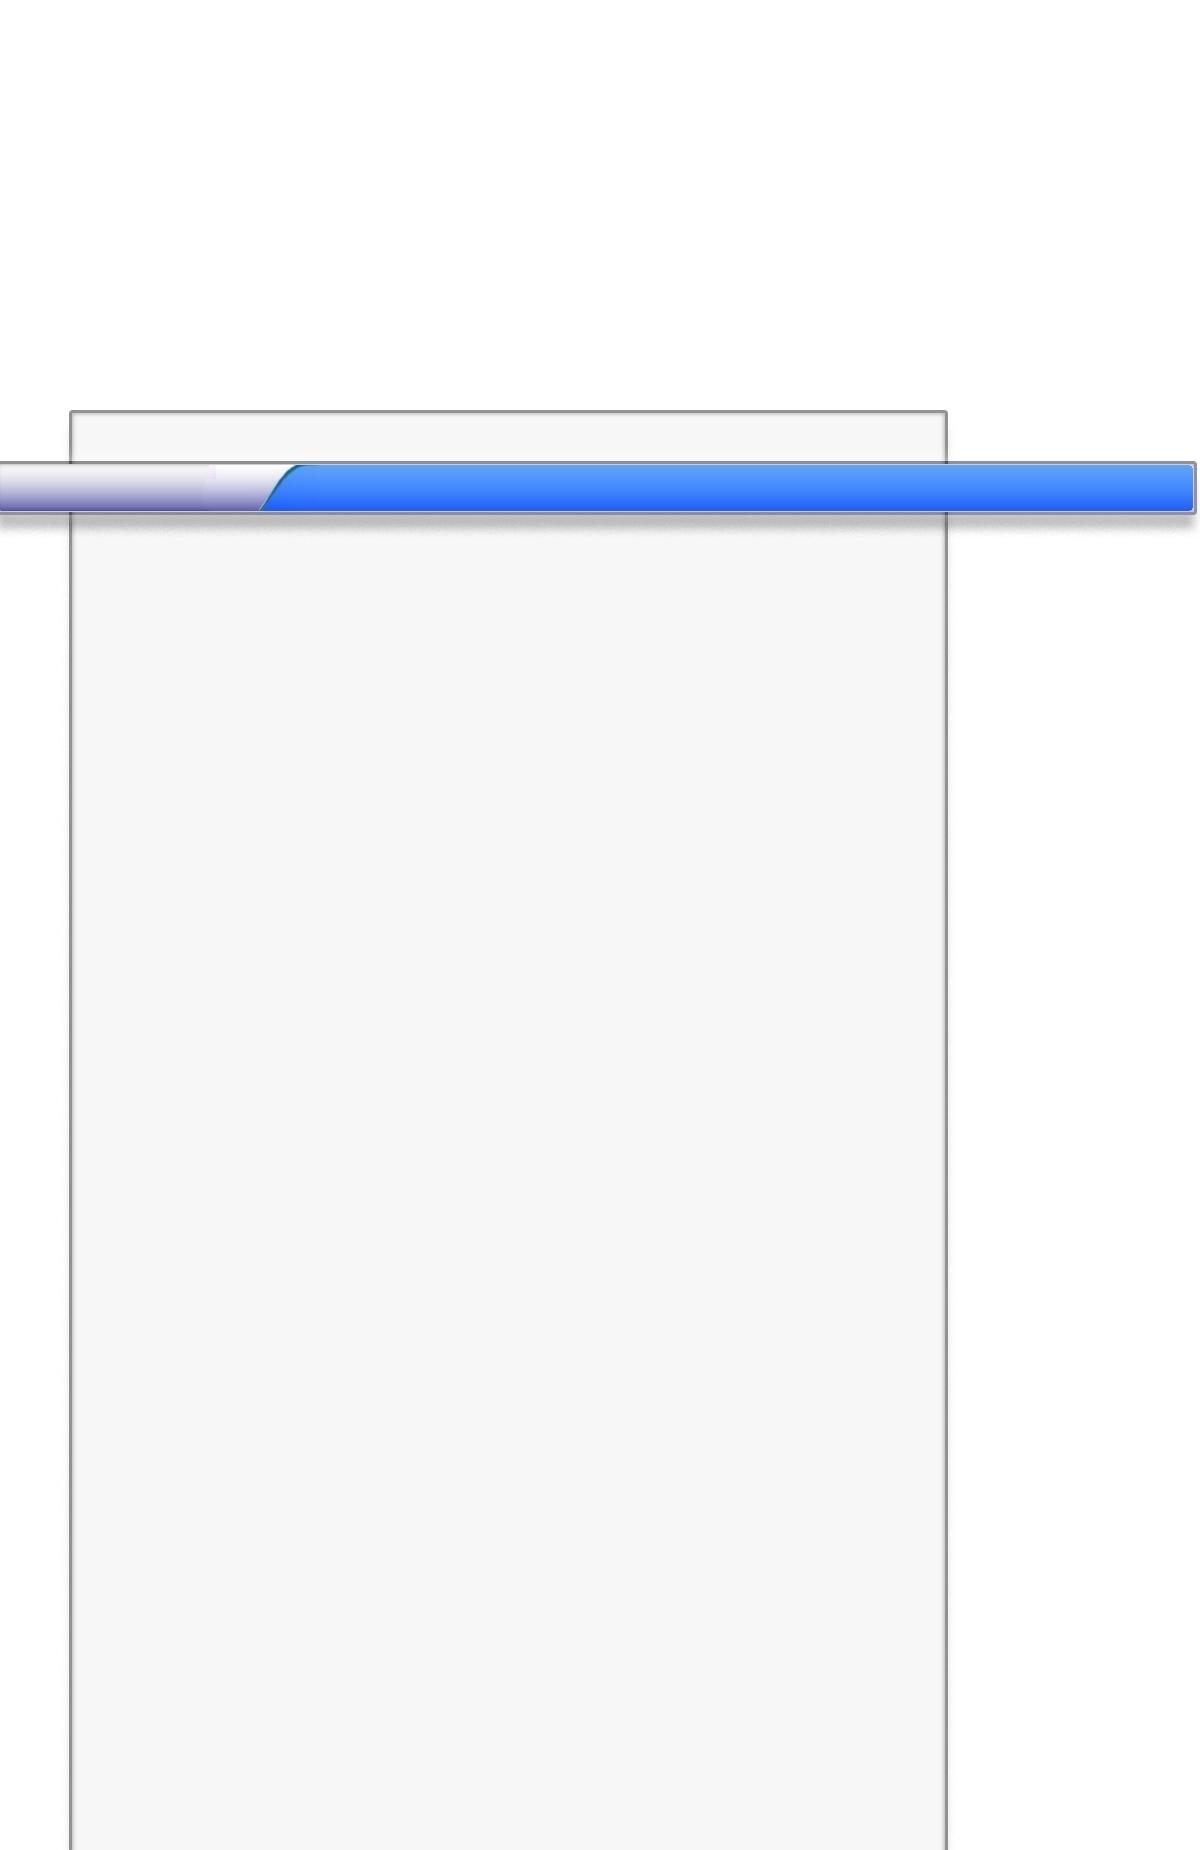 bewerben now - design, Einladungen